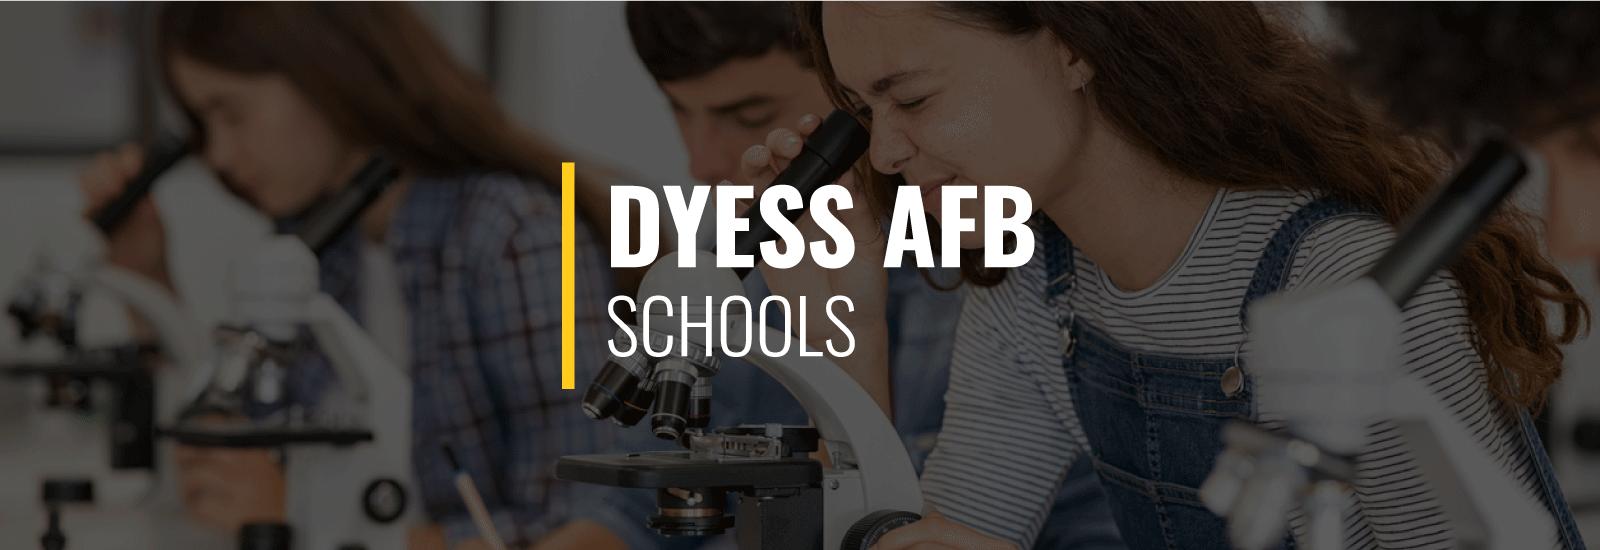 Dyess AFB Schools